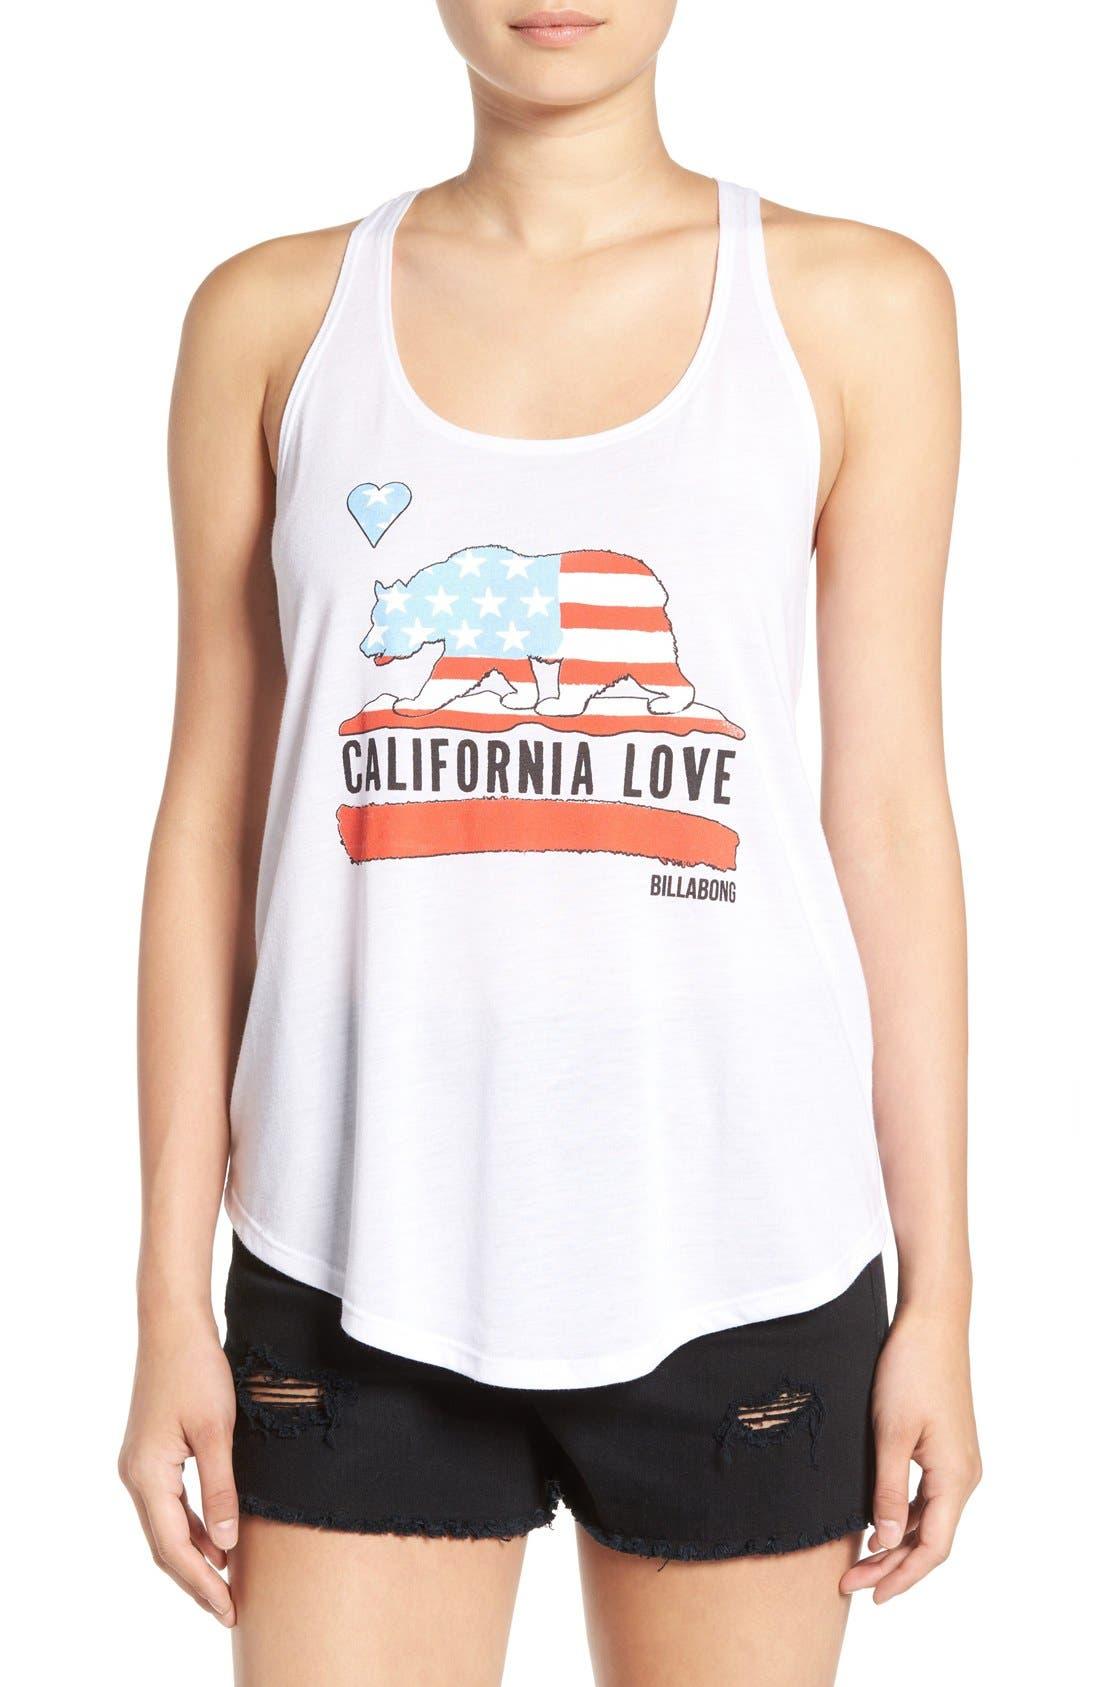 Alternate Image 1 Selected - Billabong 'California Love' Graphic Tank